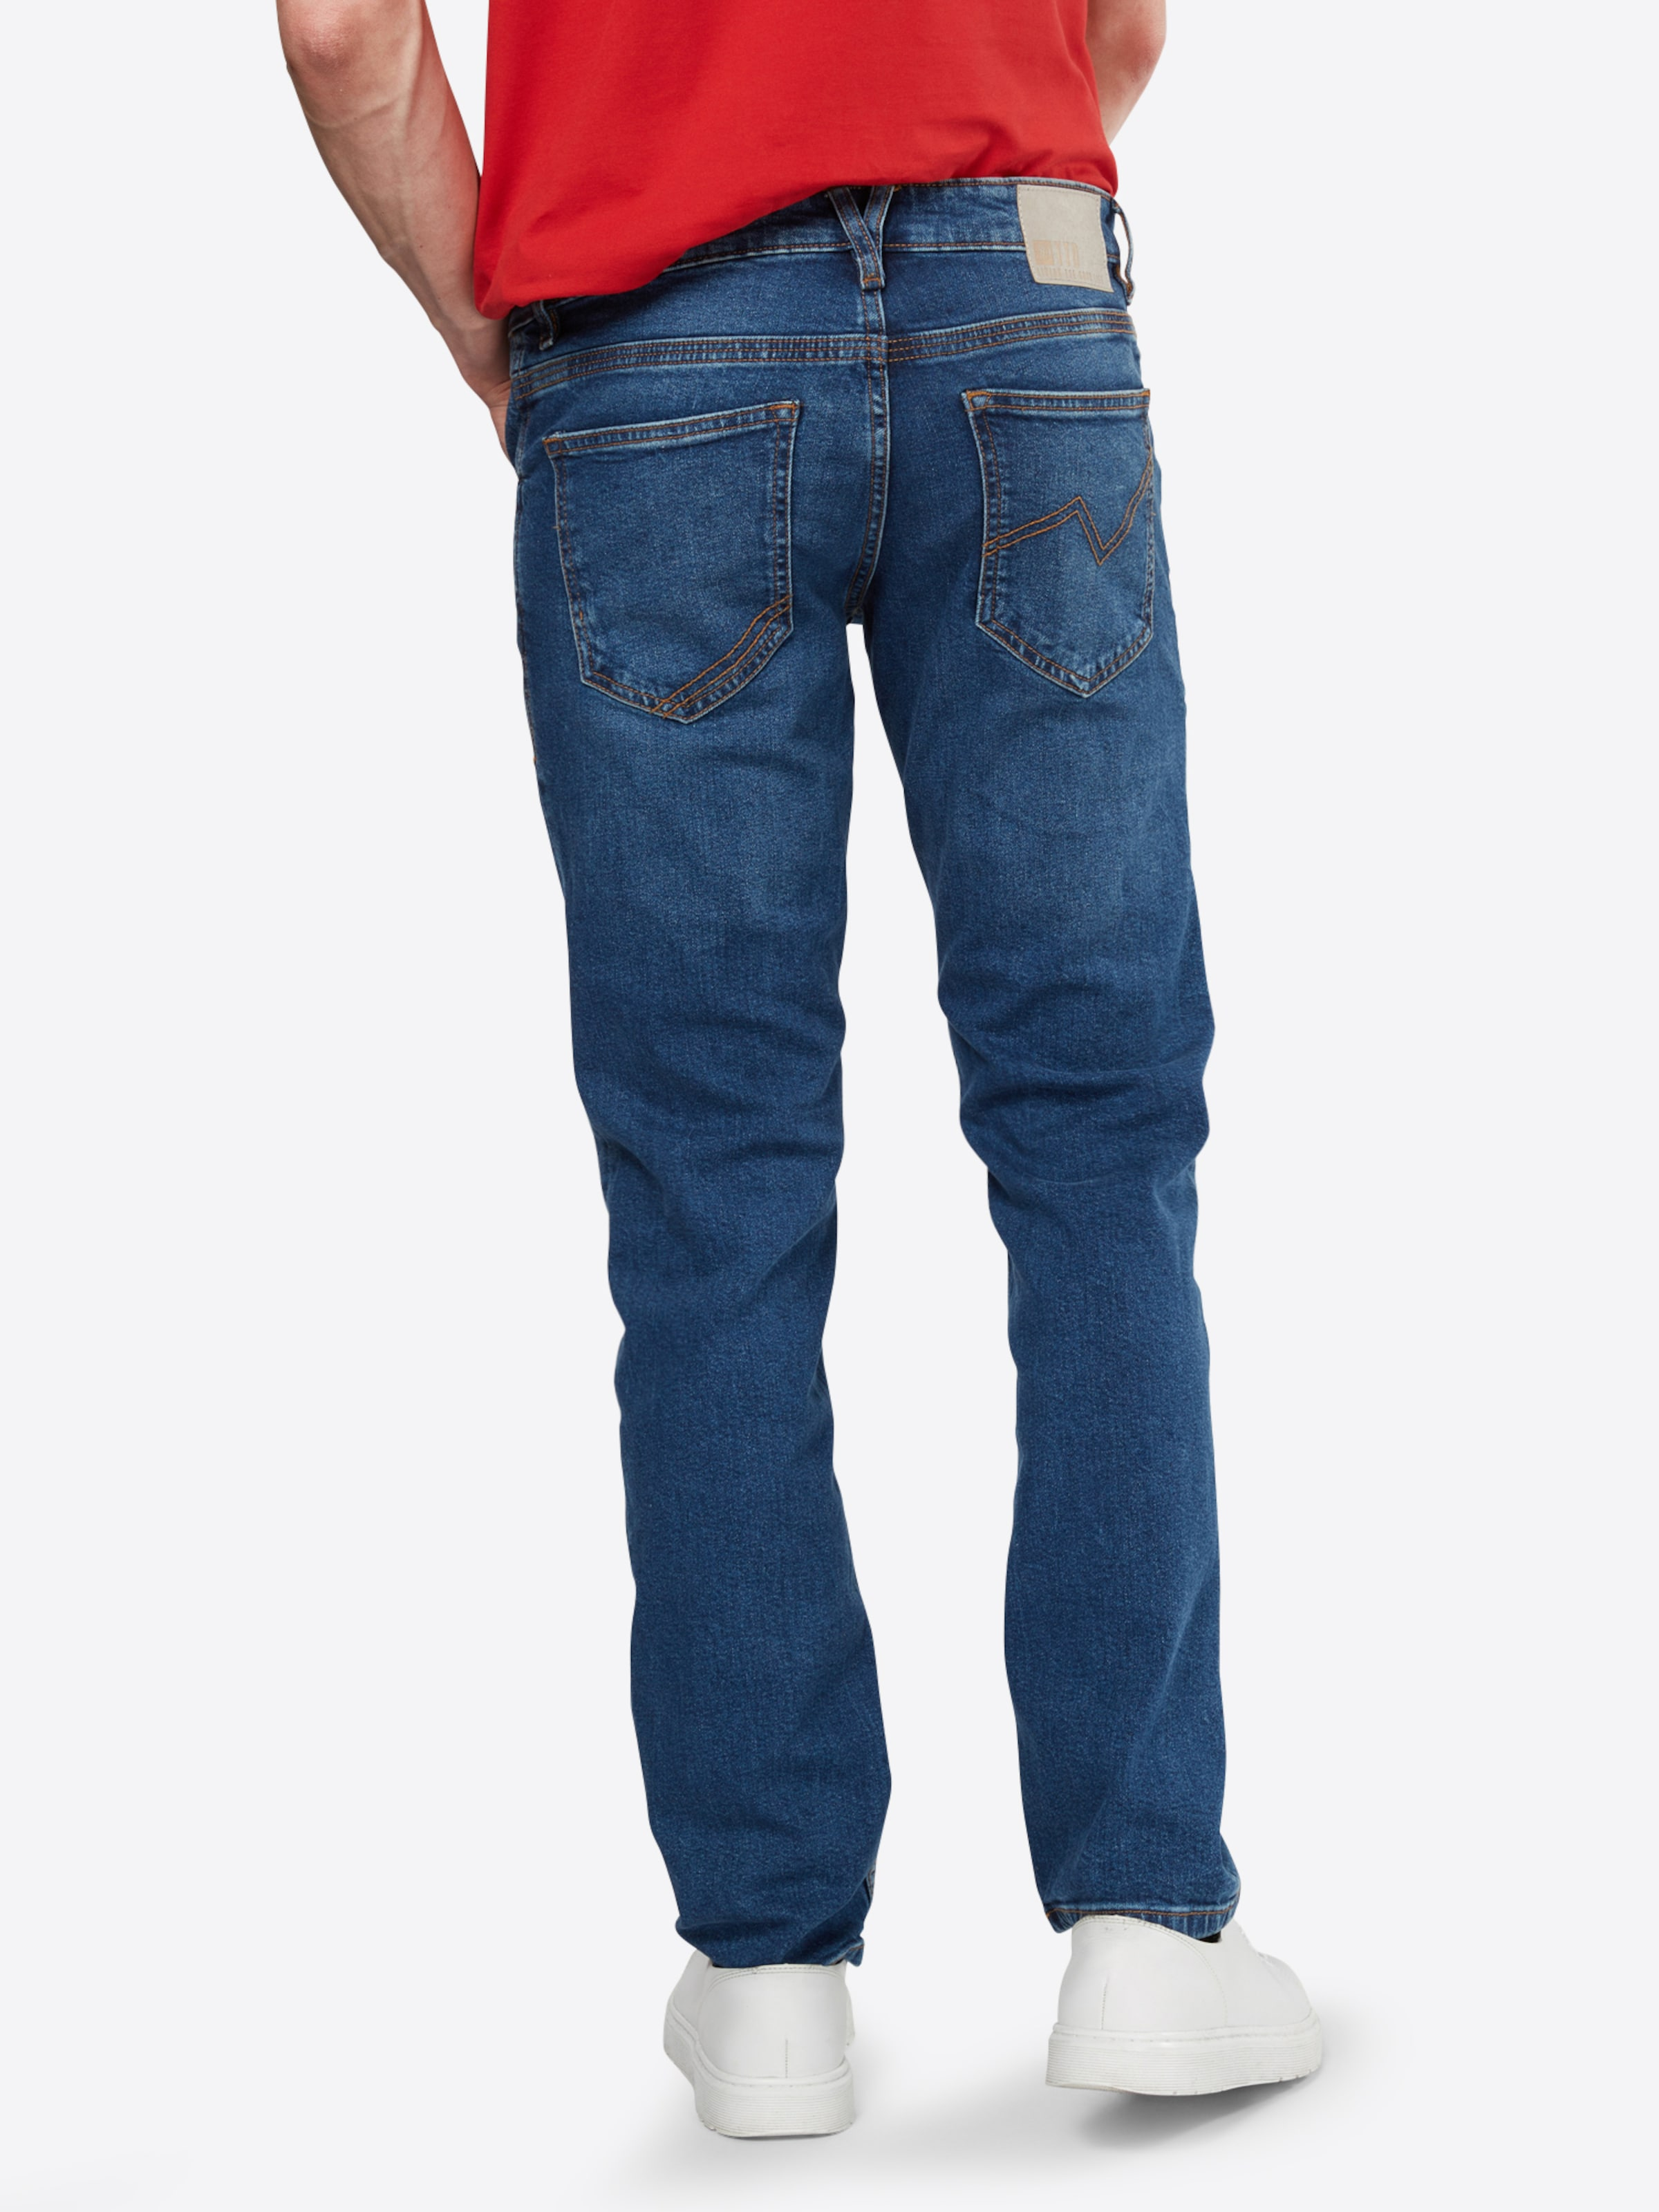 TOM TAILOR DENIM Jeans 'Regular Fit blue' Zum Verkauf Der Billigsten AFC2S7